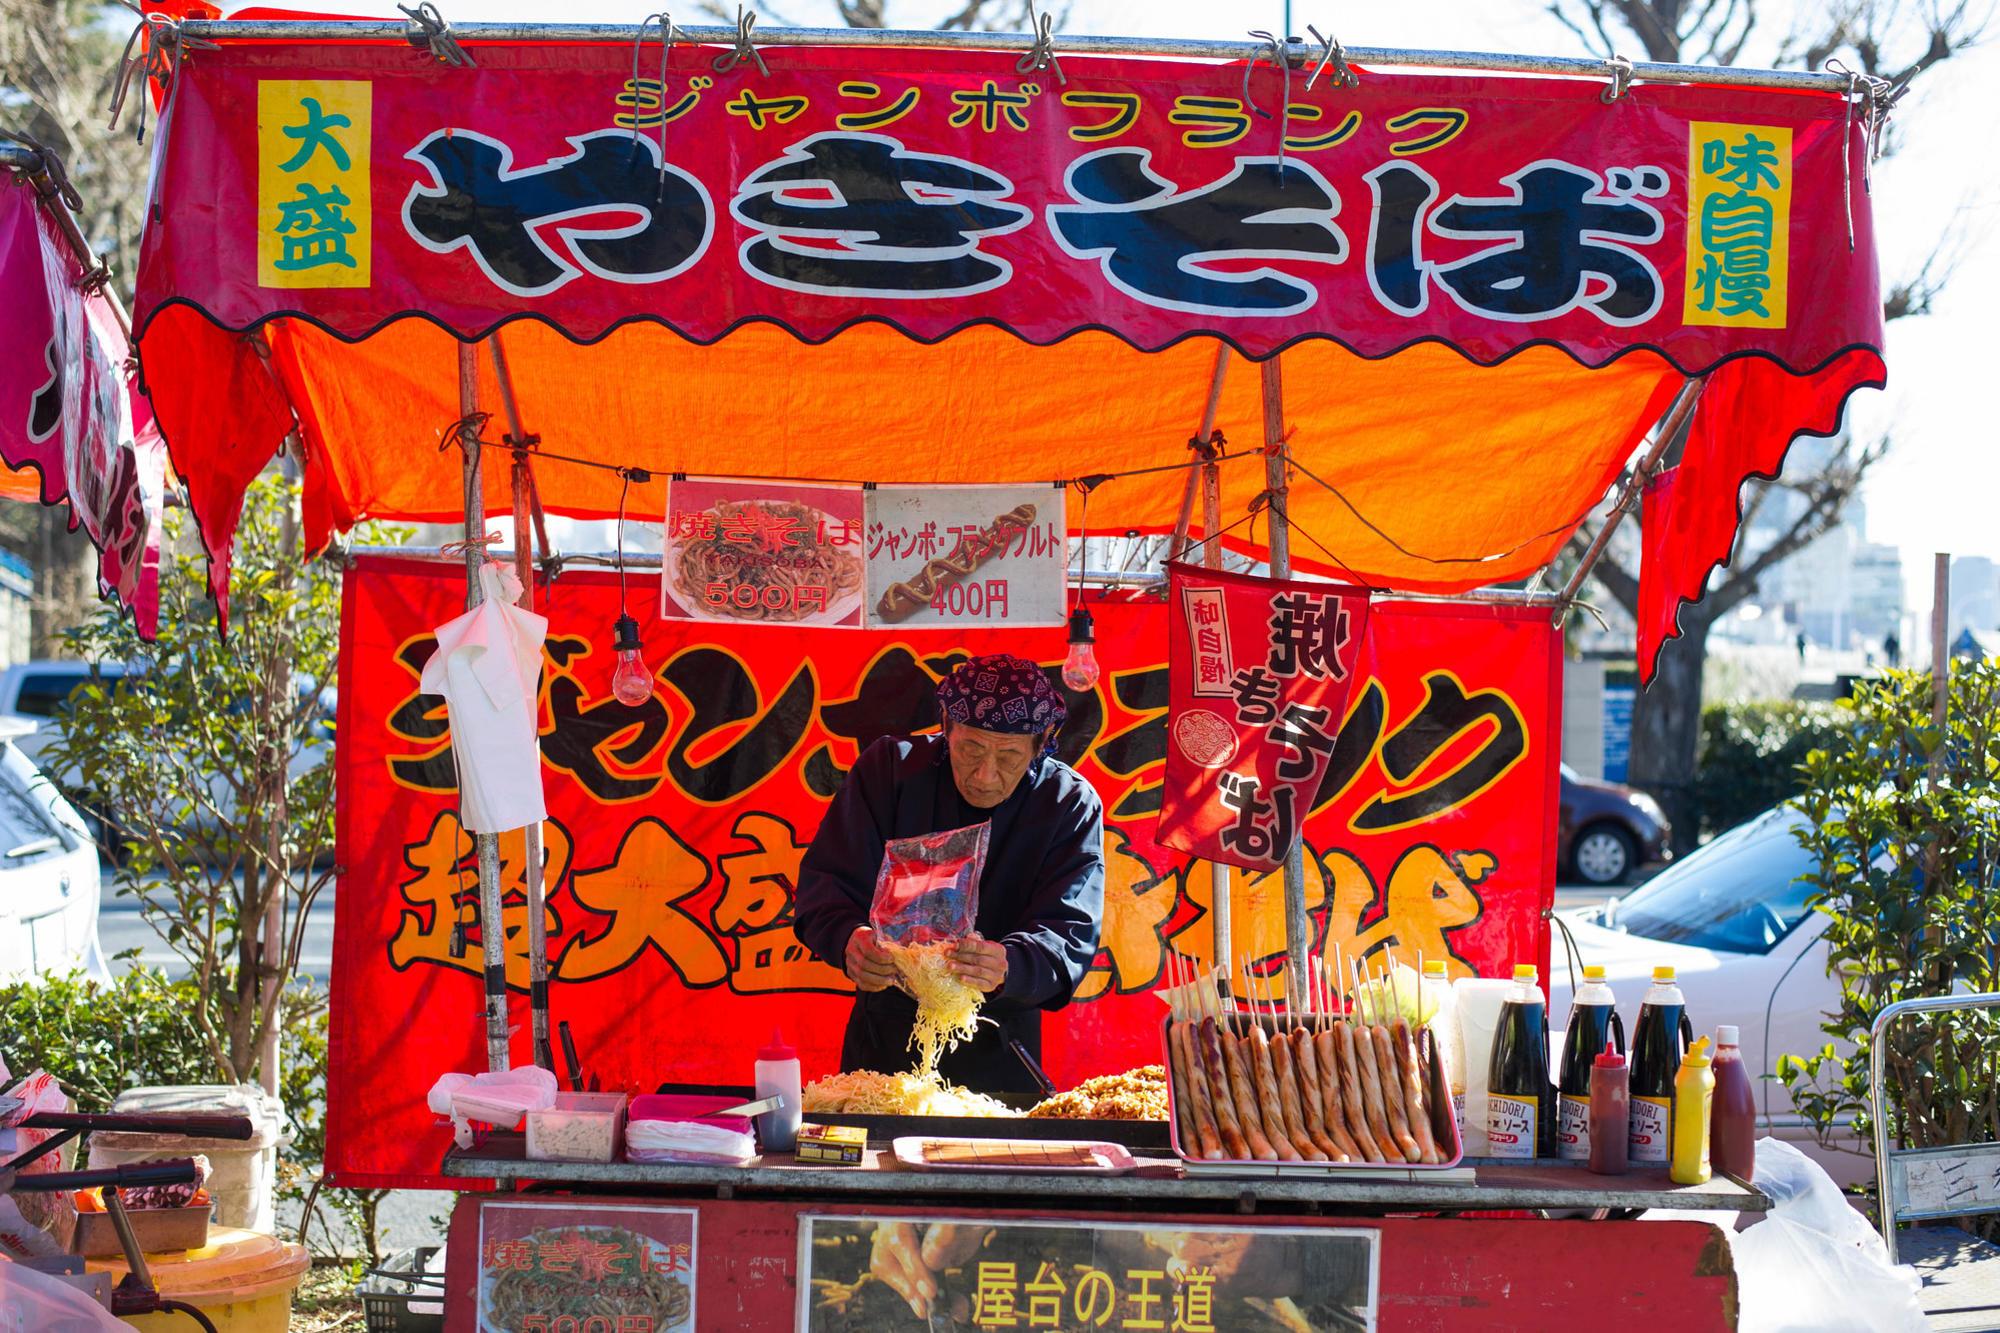 Street food in Shibuya, Tokyo.